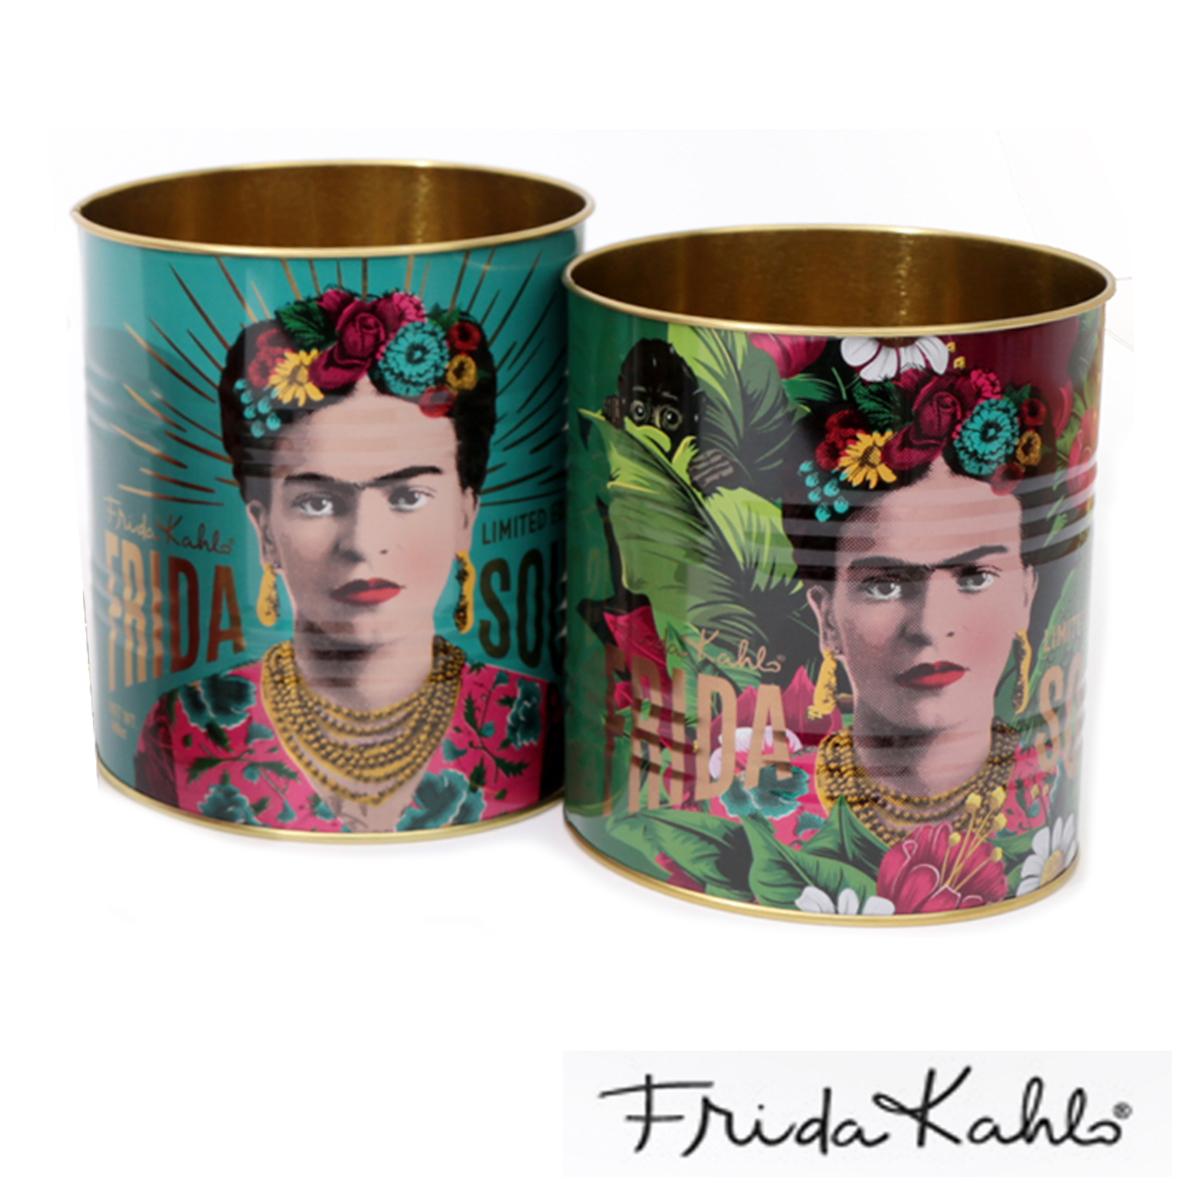 Lot de 2 pots à couverts métal \'Frida Kahlo\' turquoise vert - 13x11 cm et 12x10 cm - [A0039]